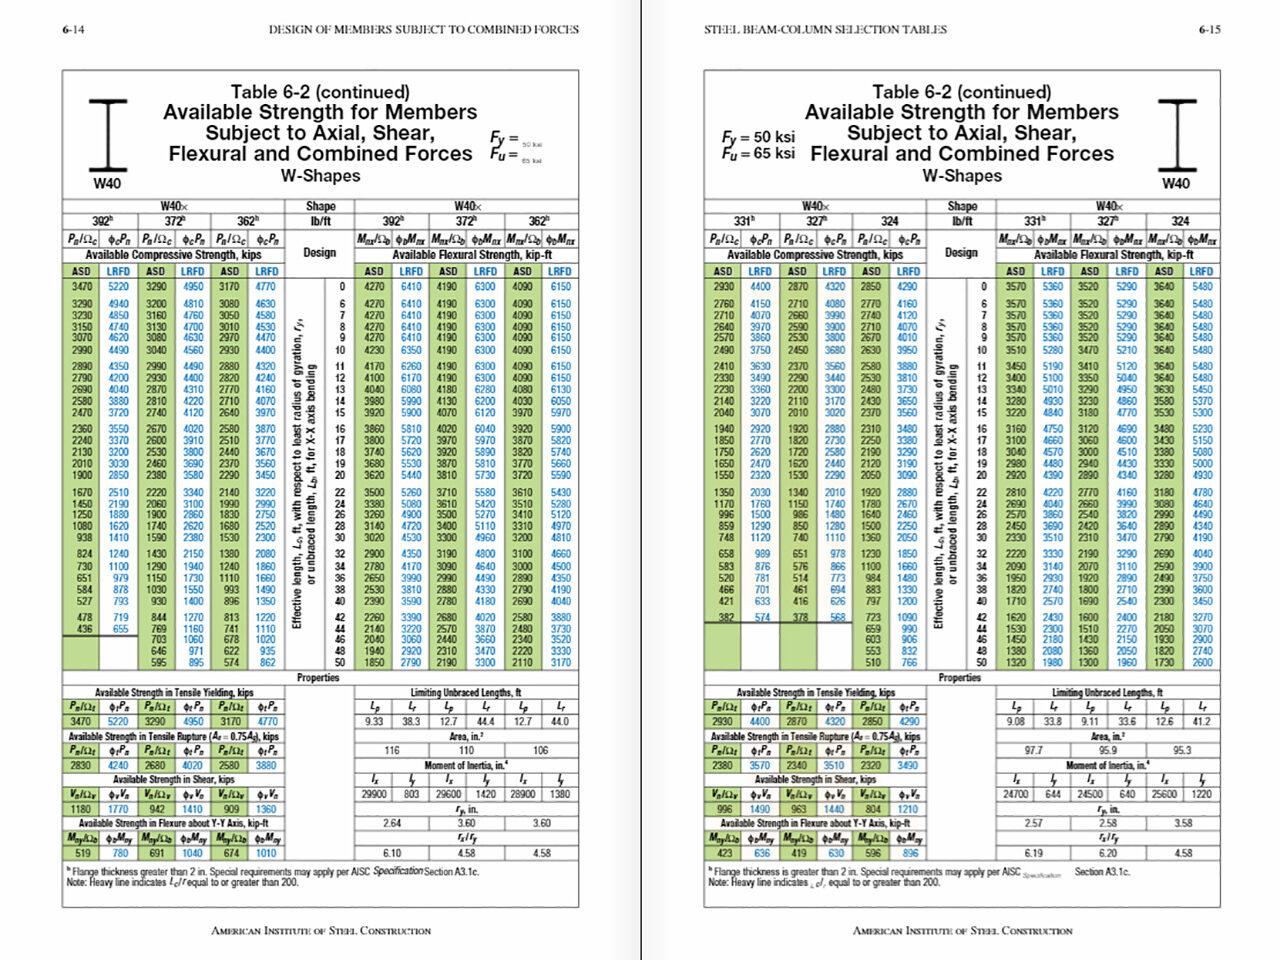 AISC Table 6-2